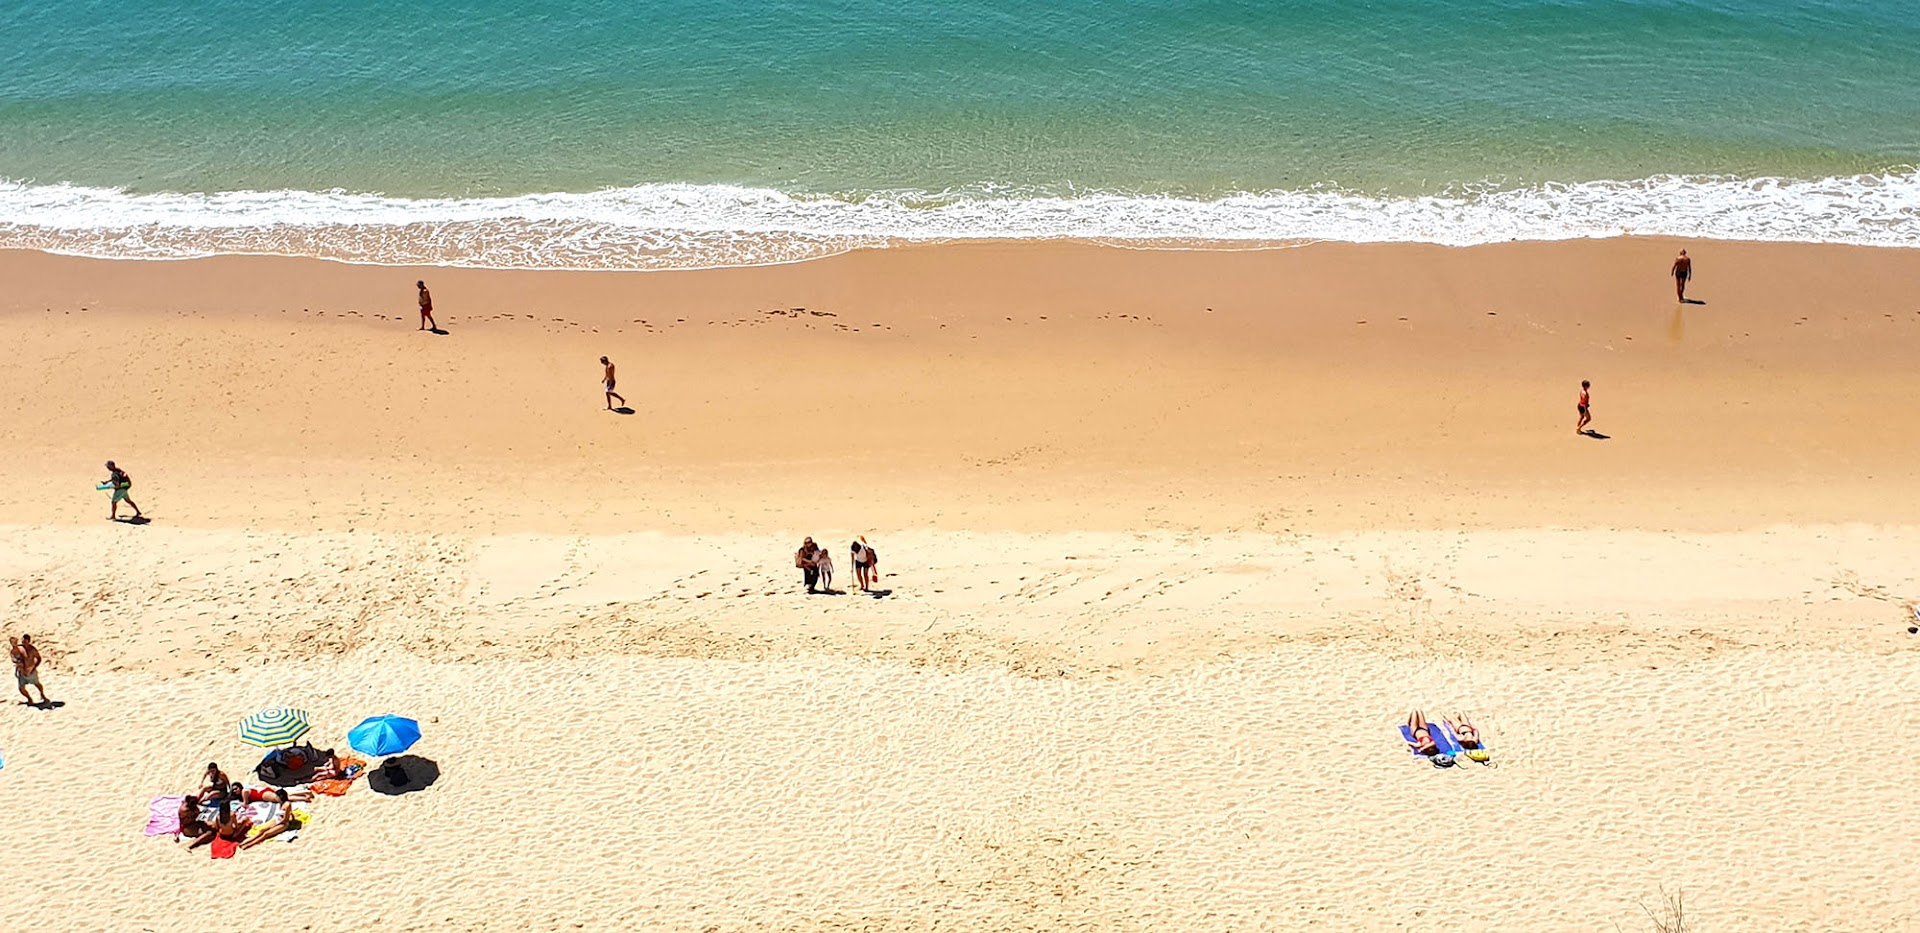 VISITAR LAGOS | O que ver e fazer desde as melhores praias e passeios, a Ponta da Piedade, a Praia do Camilo e dos Estudantes, no Algarve